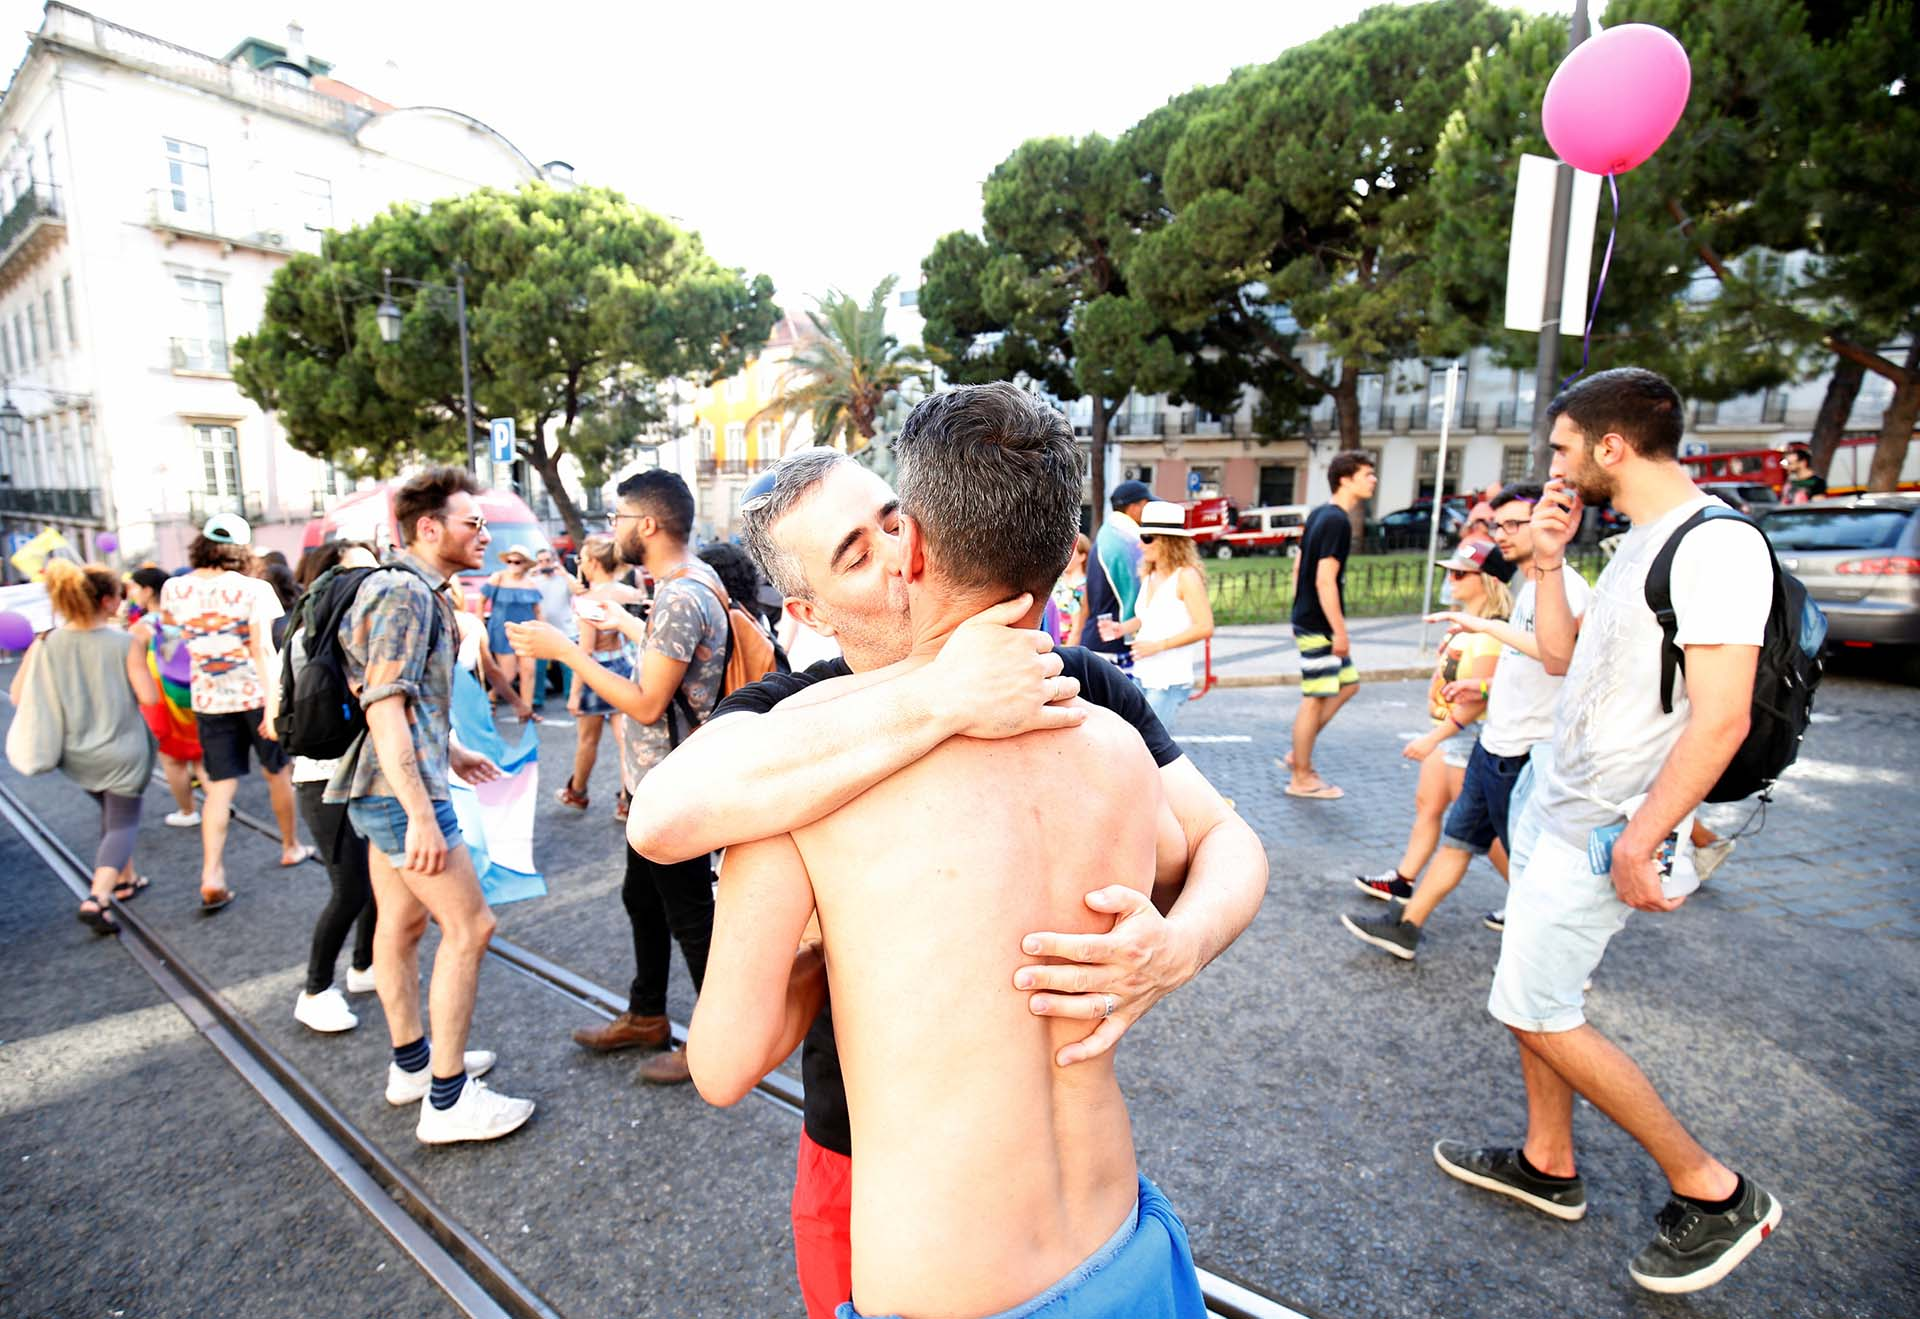 Manifestantes se besan durante el desfile de orgullo gay en el centro de Lisboa, Portugal